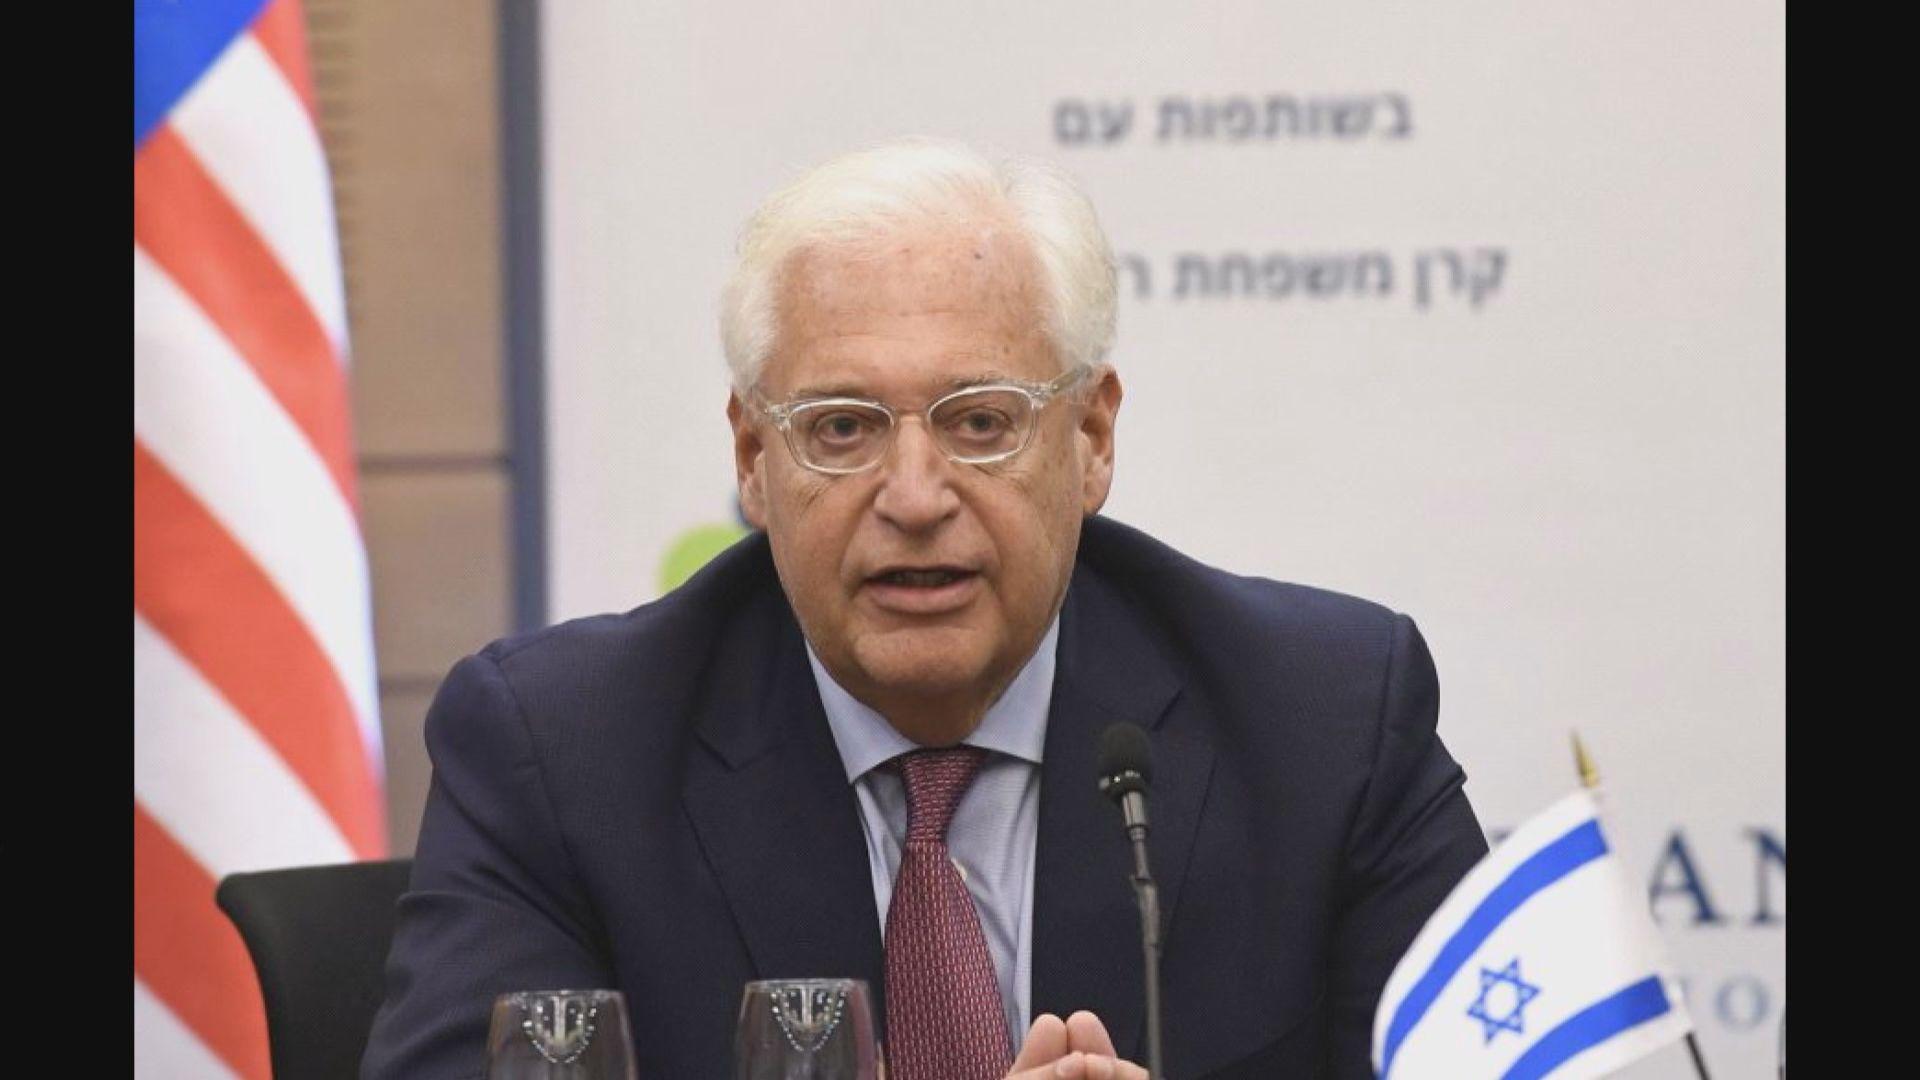 美大使稱以色列有權吞併部分西岸土地